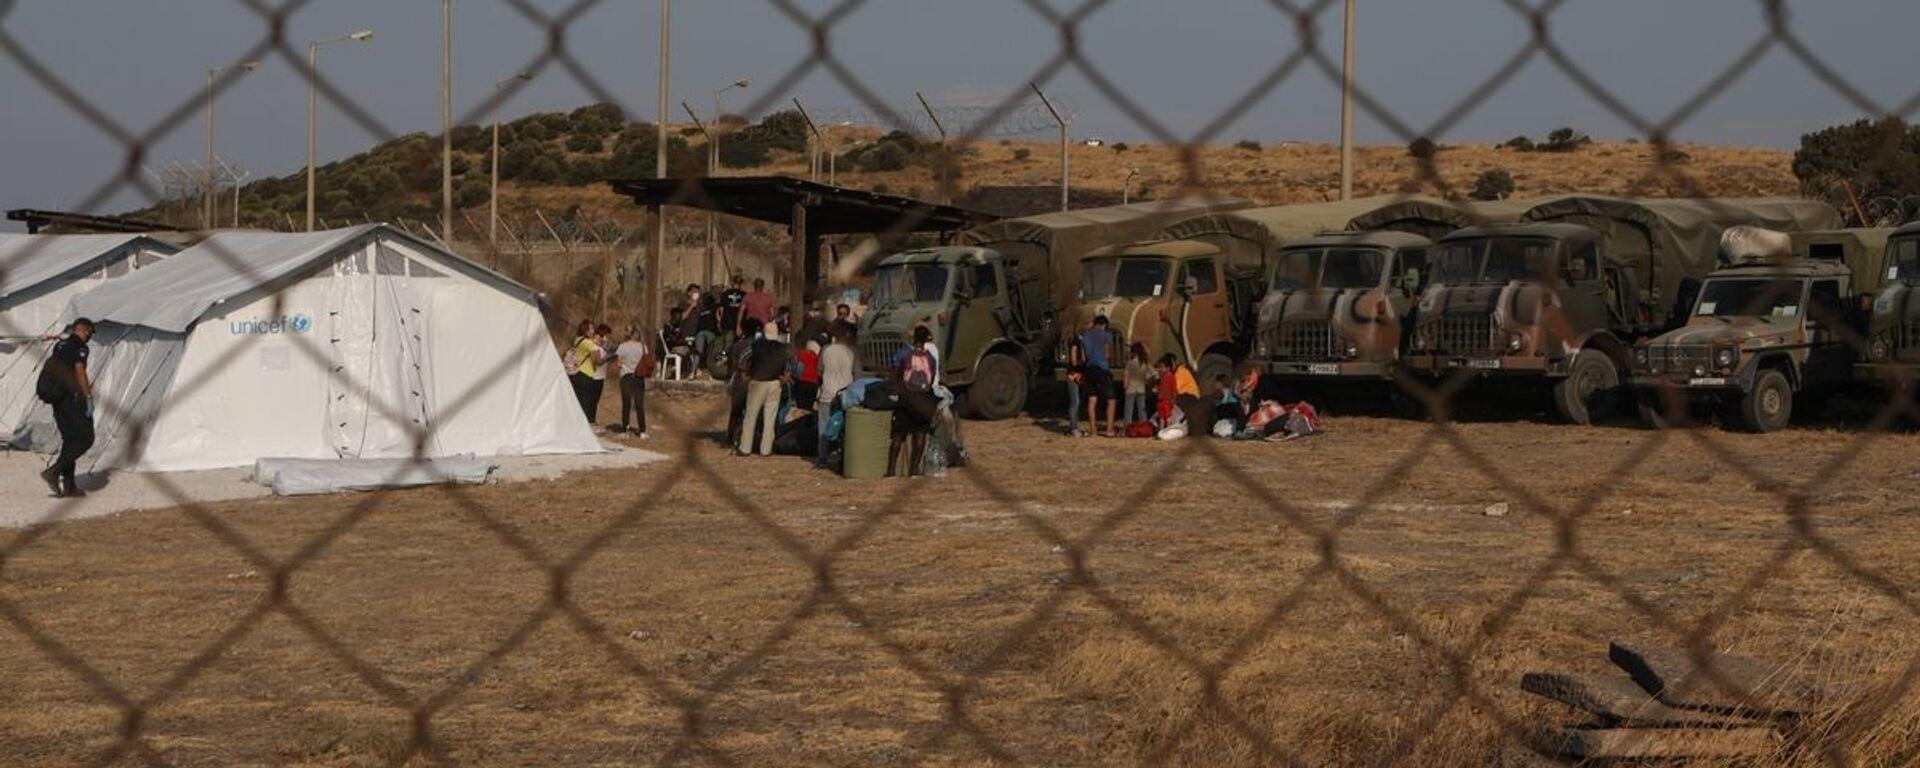 Πρόσφυγες και μετανάστες εισέχονται στο νέο προσωρινό καταυλισμό προσφύγων στην περιοχή του Καρά Τεπέ, κοντά στην πόλη της Μυτιλήνης. 12 Σεπτεμβρίου 2020. - Sputnik Ελλάδα, 1920, 24.05.2021